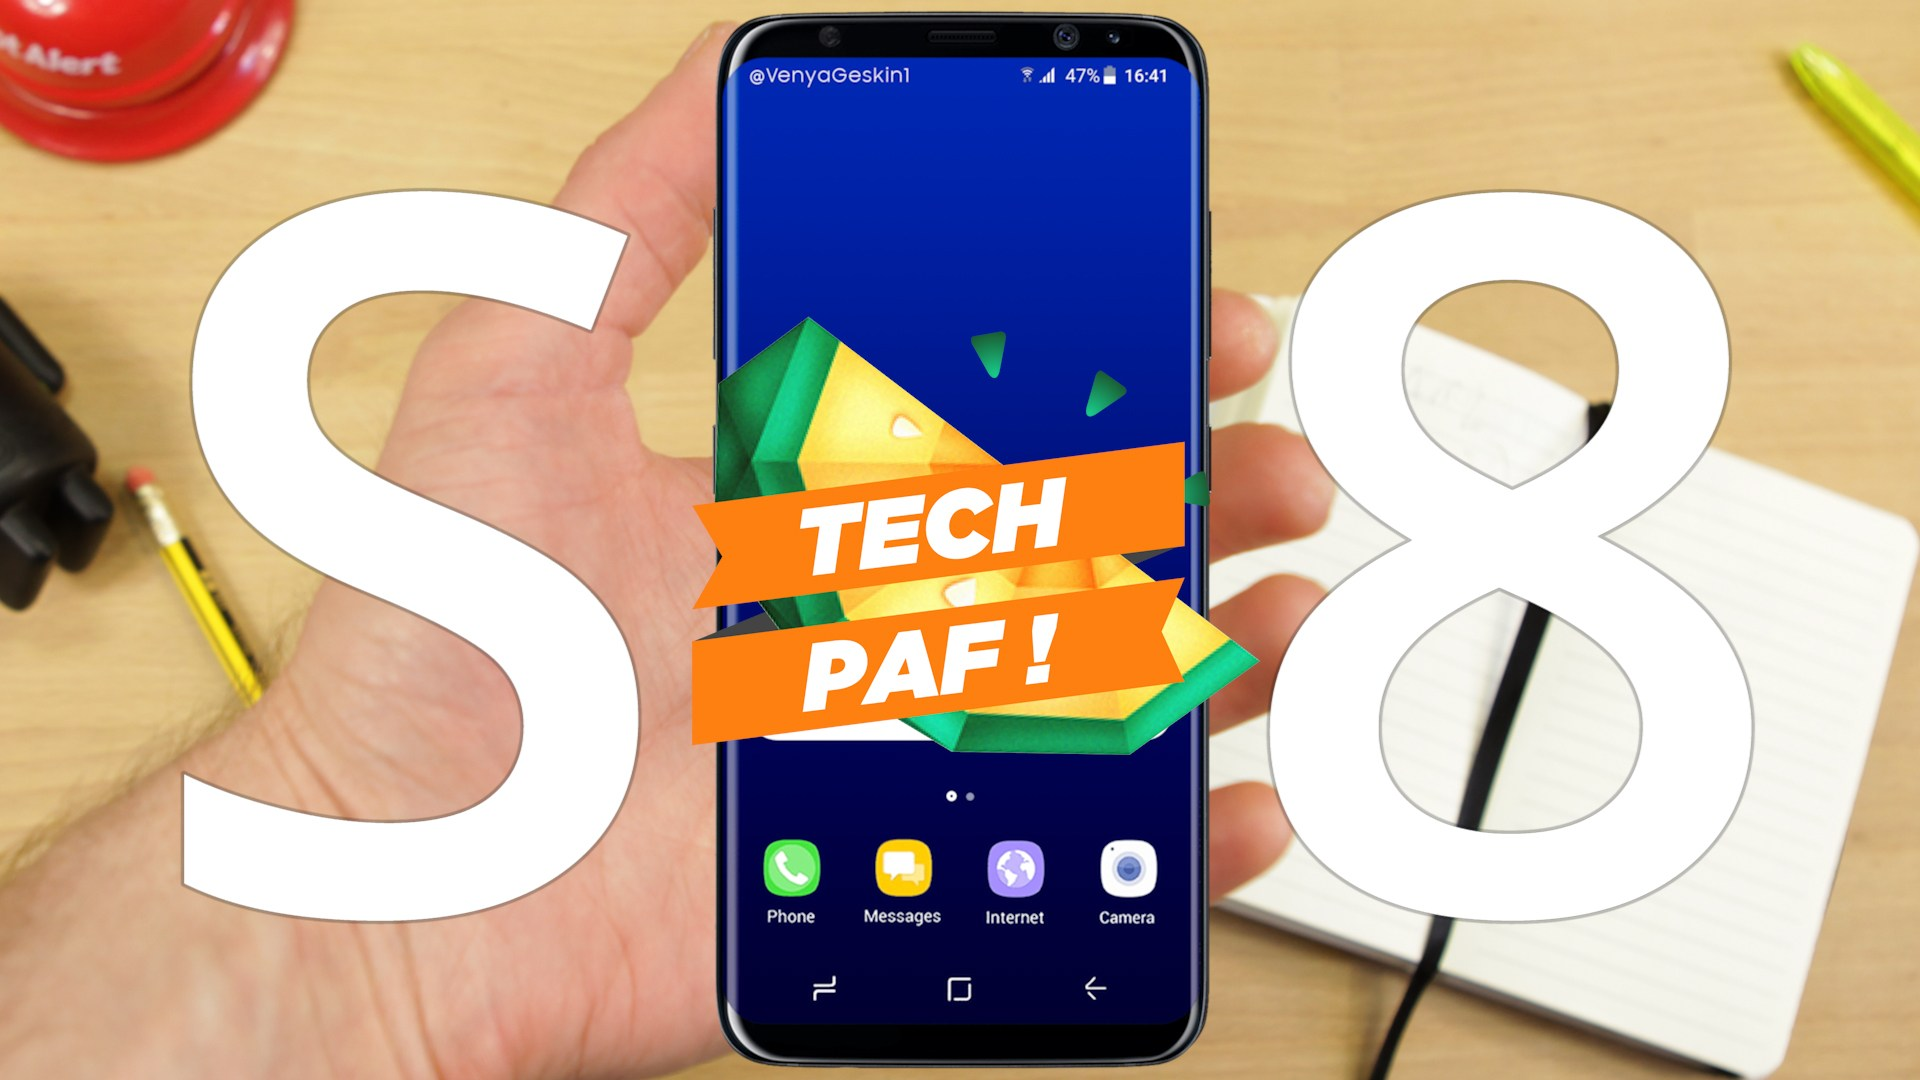 Suivez l'annonce du Samsung Galaxy S8 en live avec nous – Tech'PAF